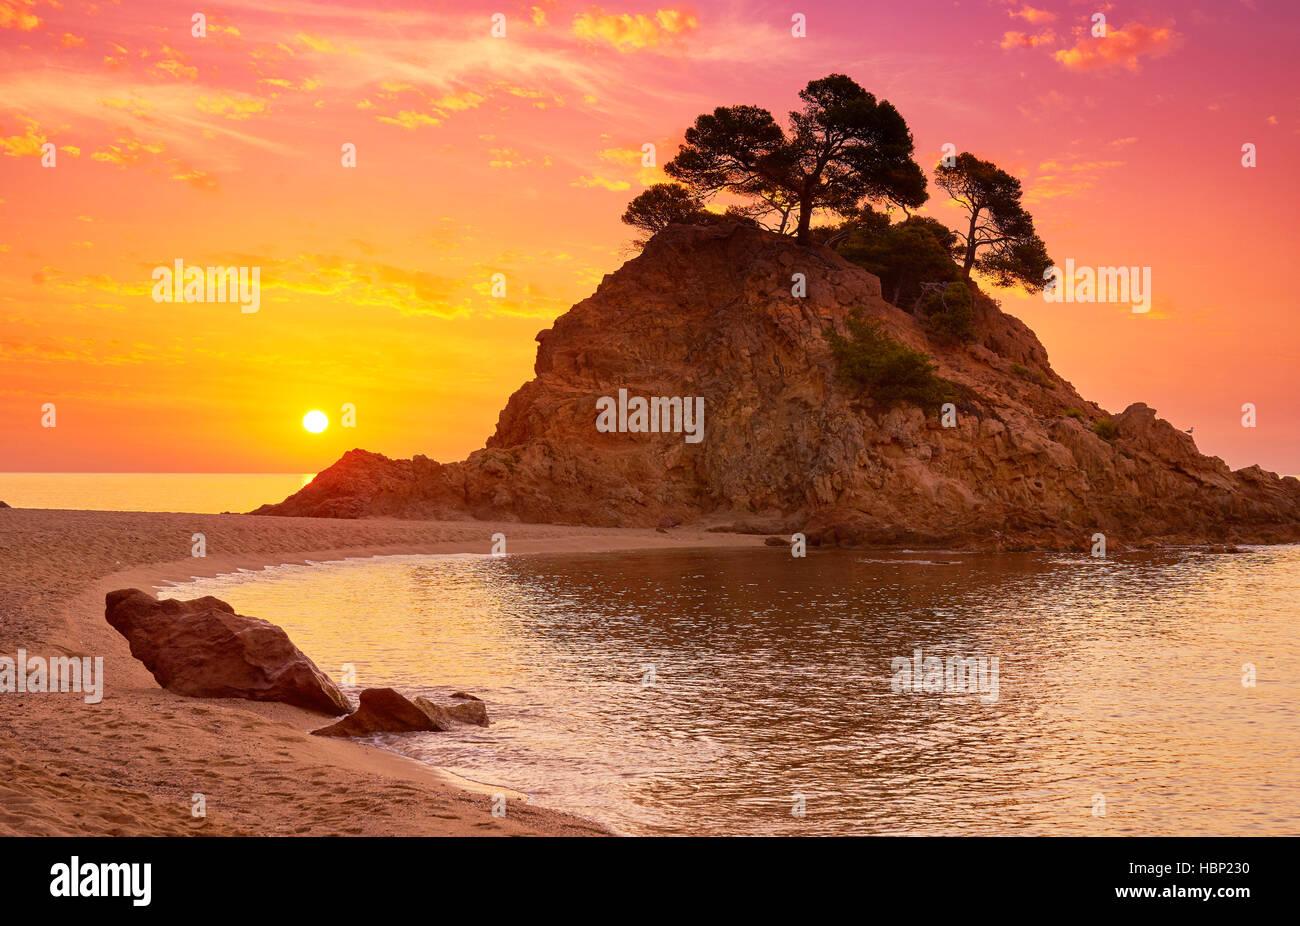 Sonnenaufgang am Cap Roig Strand, Costa Brava, Spanien Stockbild